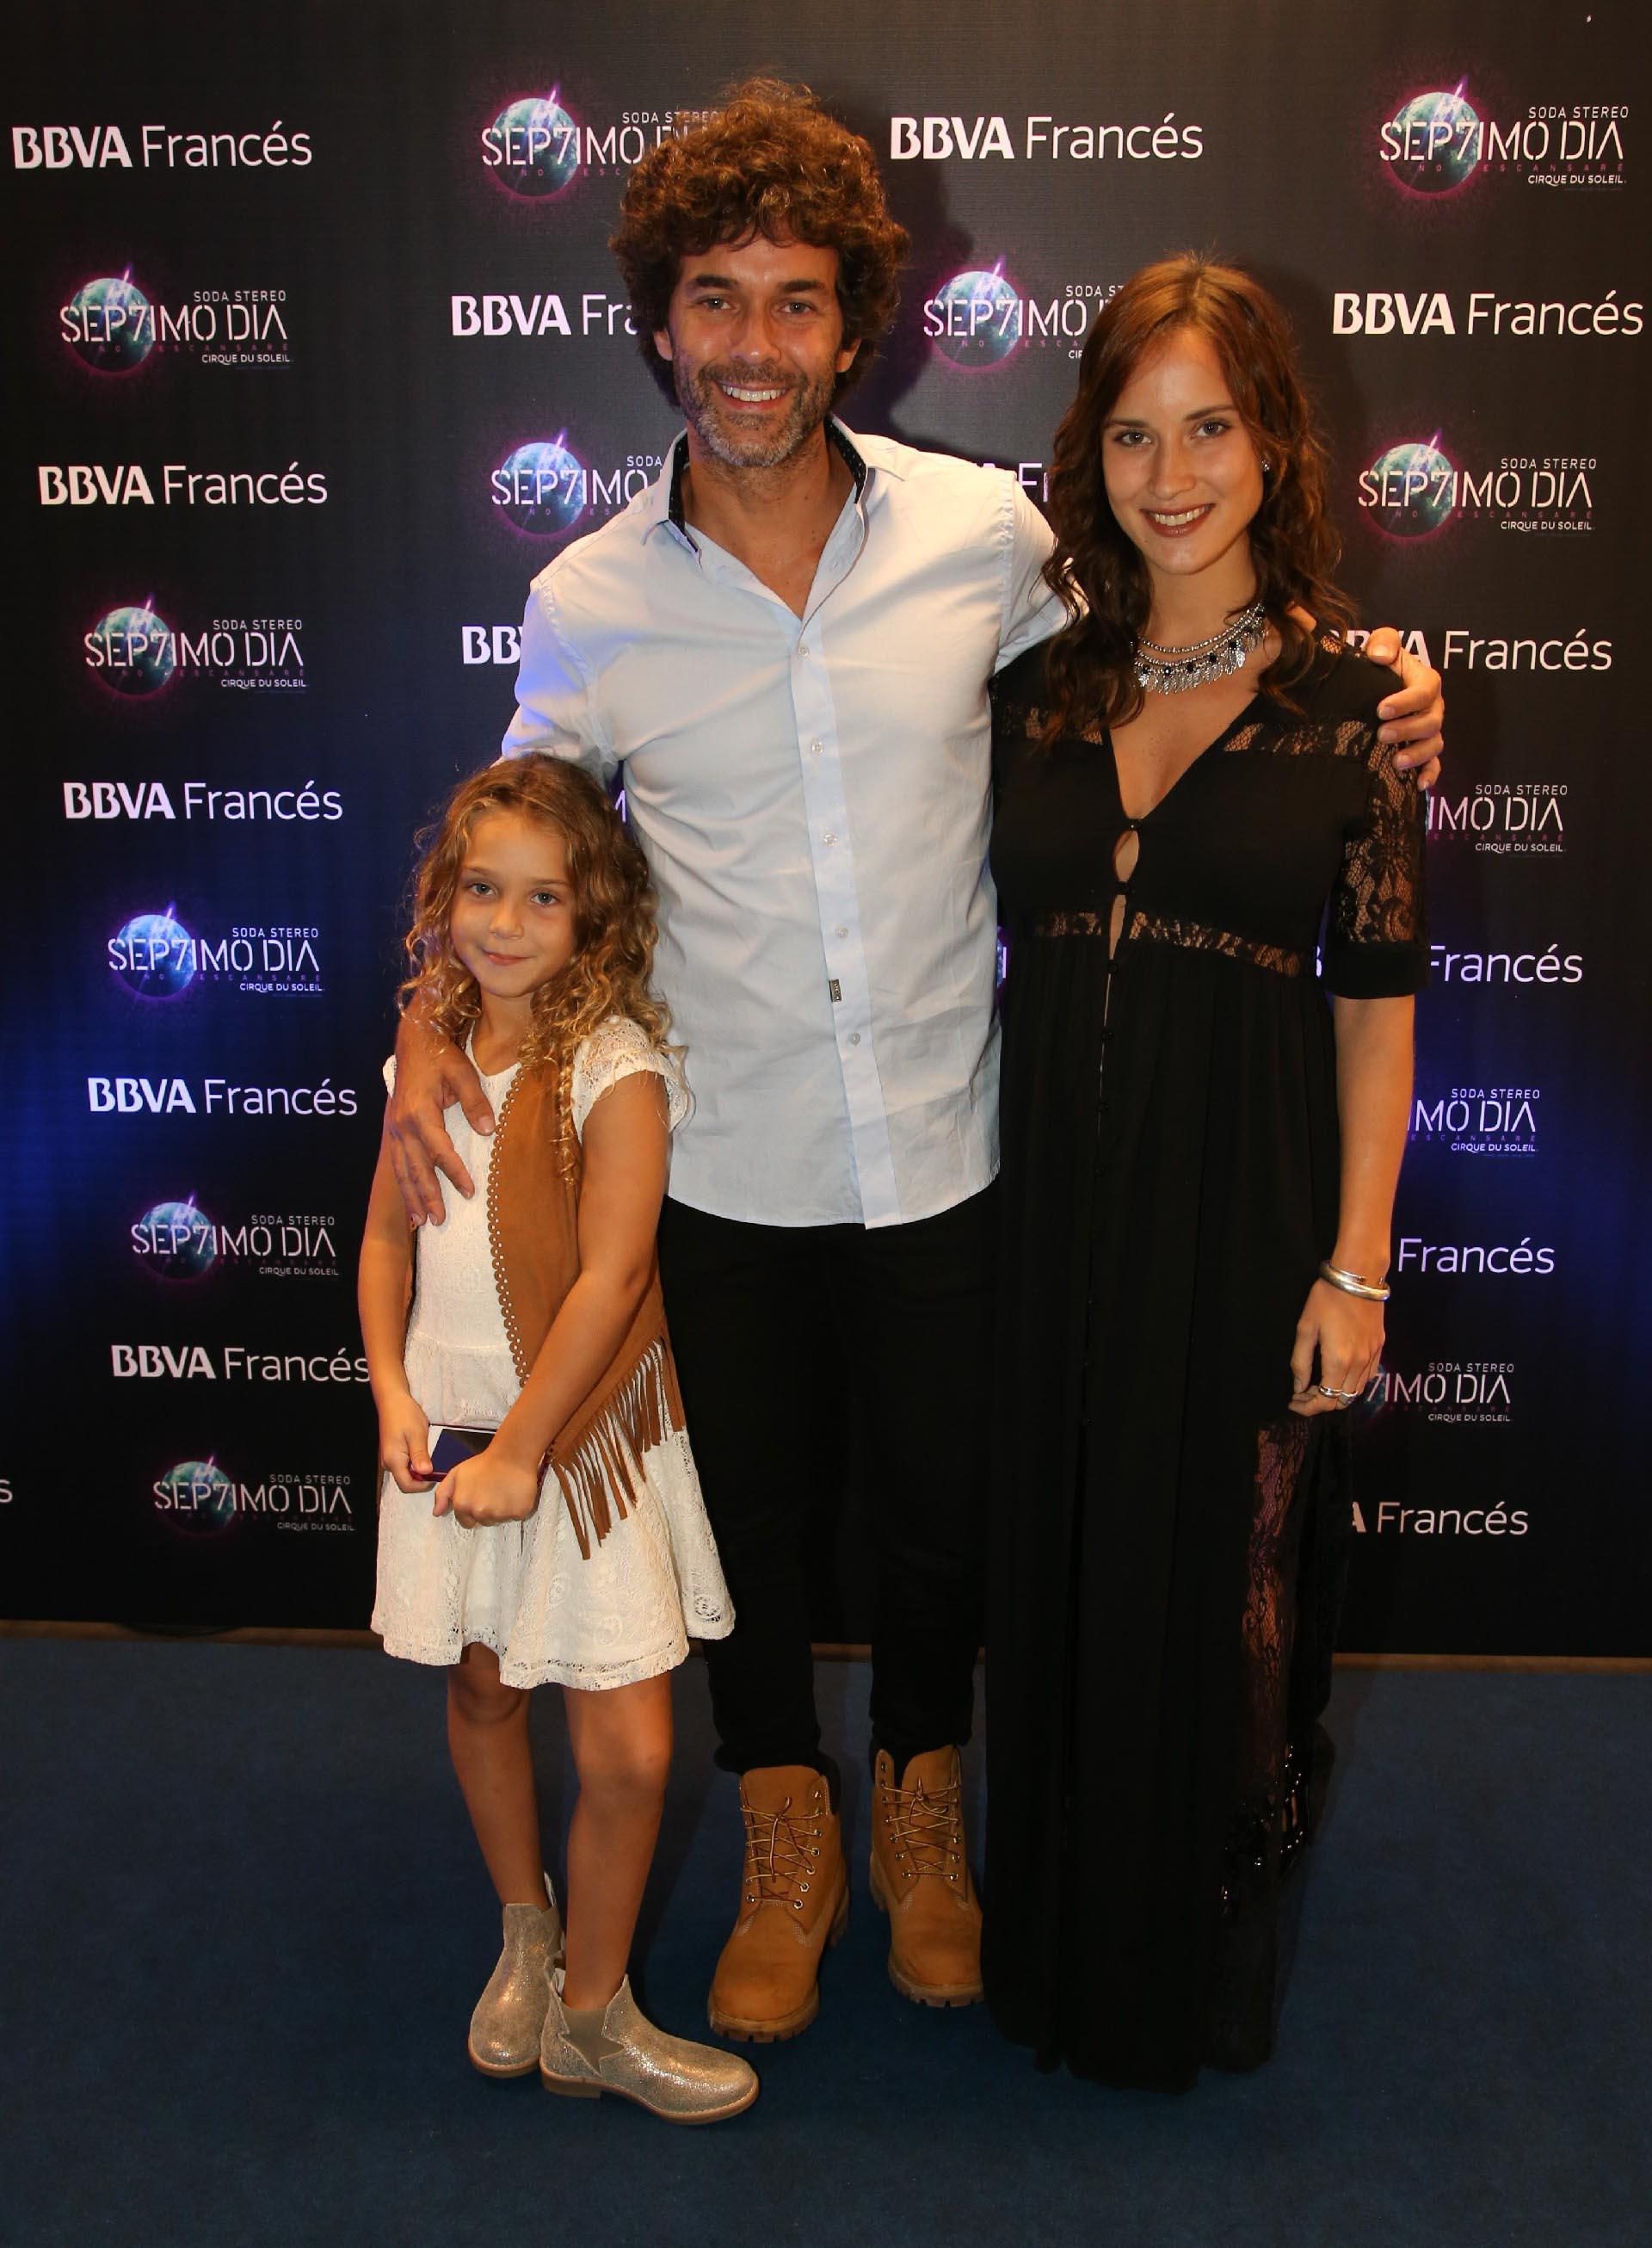 """Mariano Martínez y su hija Olivia junto a Camila Cavallo el gran estreno de """"Sép7imo Día"""""""